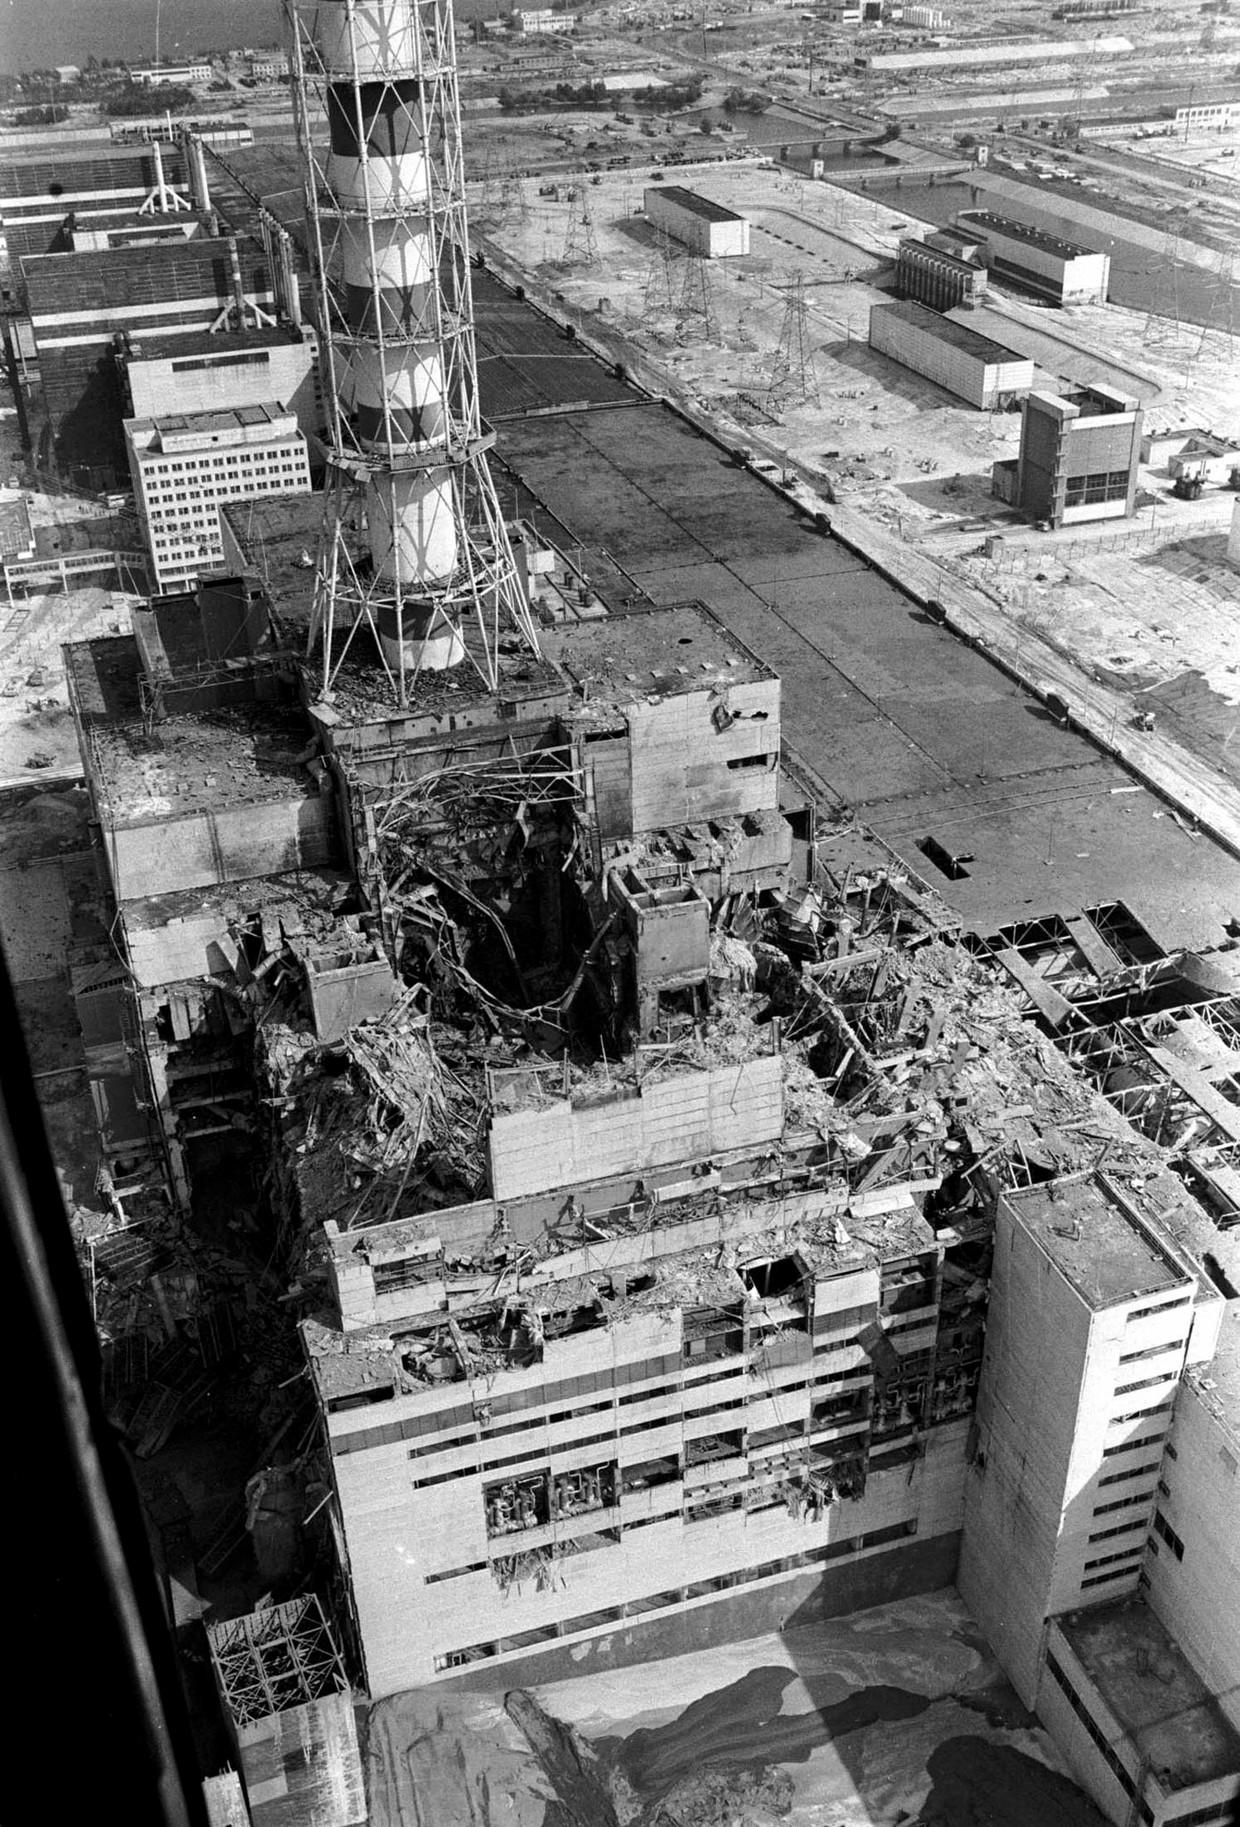 De vernielde reactor in april 1986. De omvang van de ramp was zelfs voor de werknemers niet duidelijk. Beeld AFP